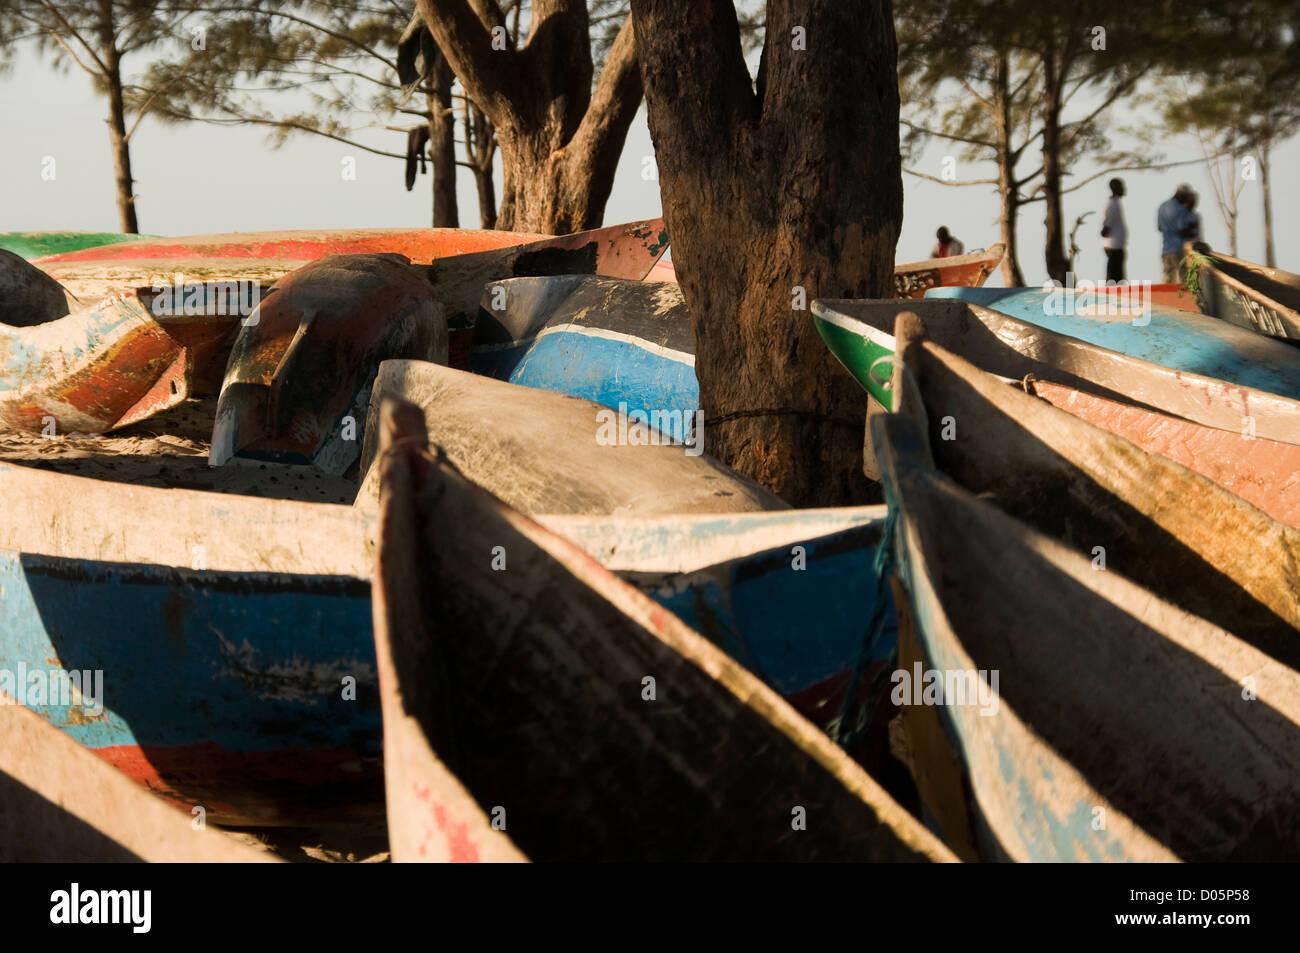 Canoe's beached under Casuarina trees, Nacala Mozambique. - Stock Image